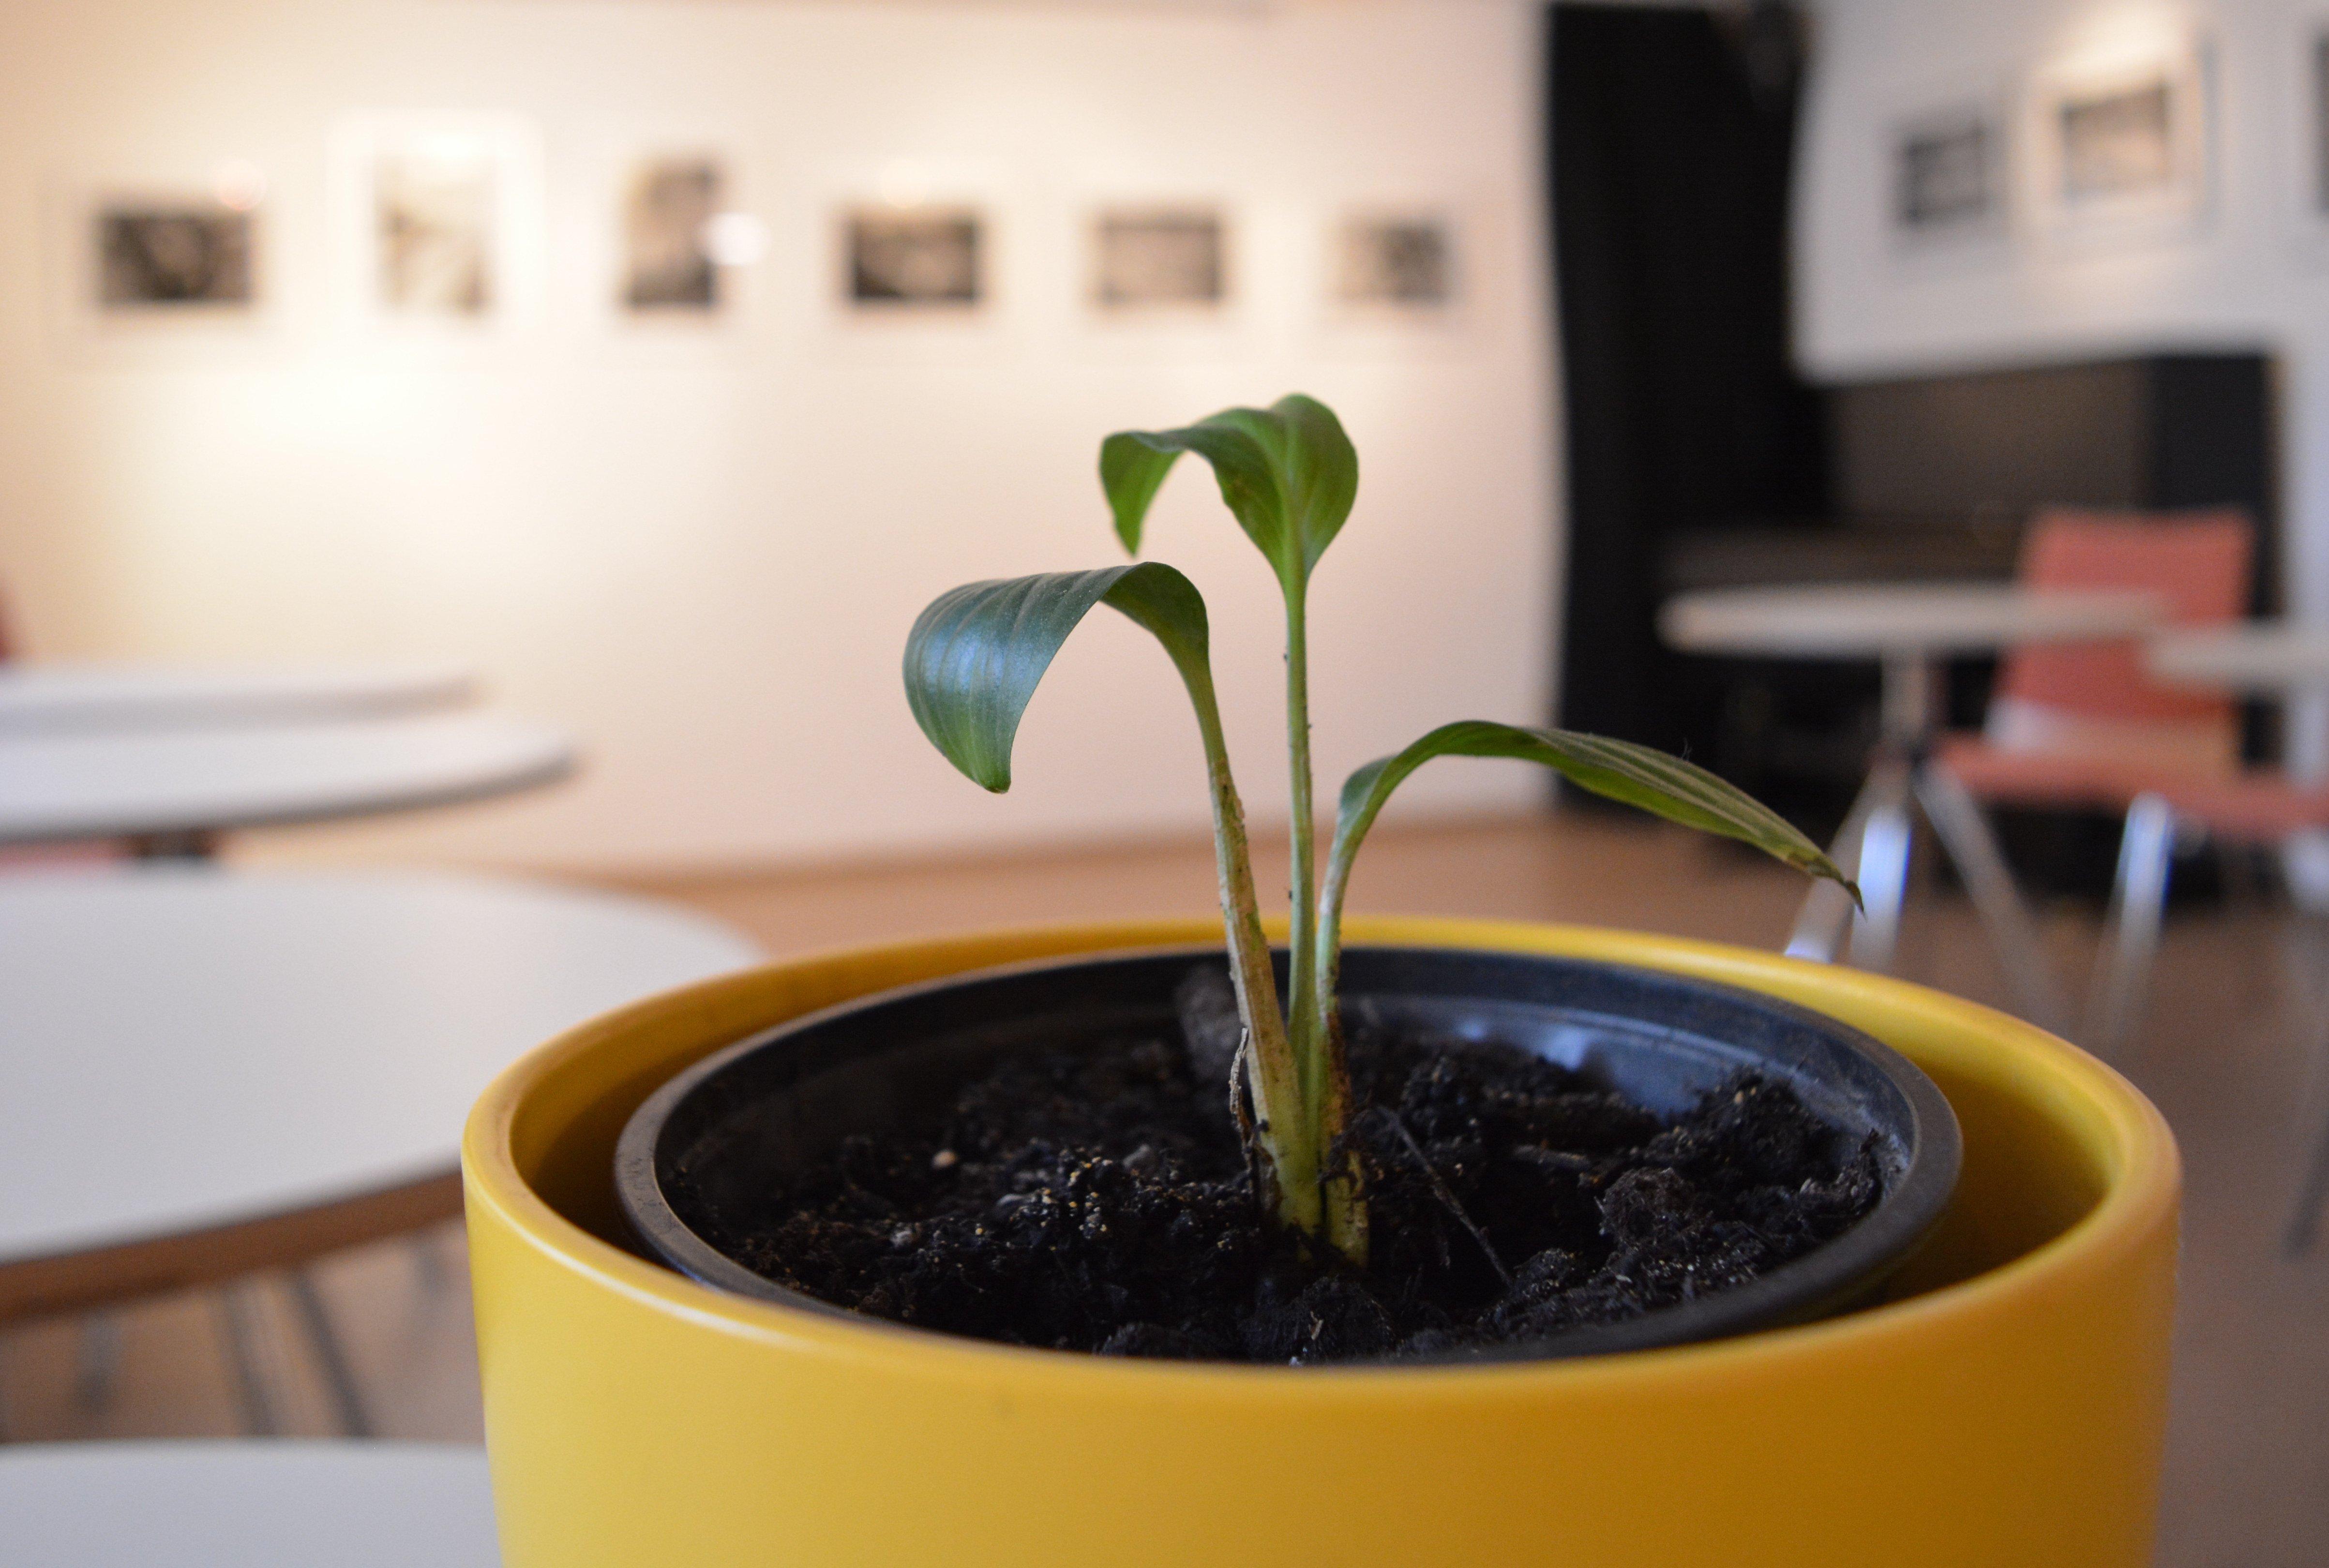 Pflanzen- und Samentauschbörse - © Veranstalter